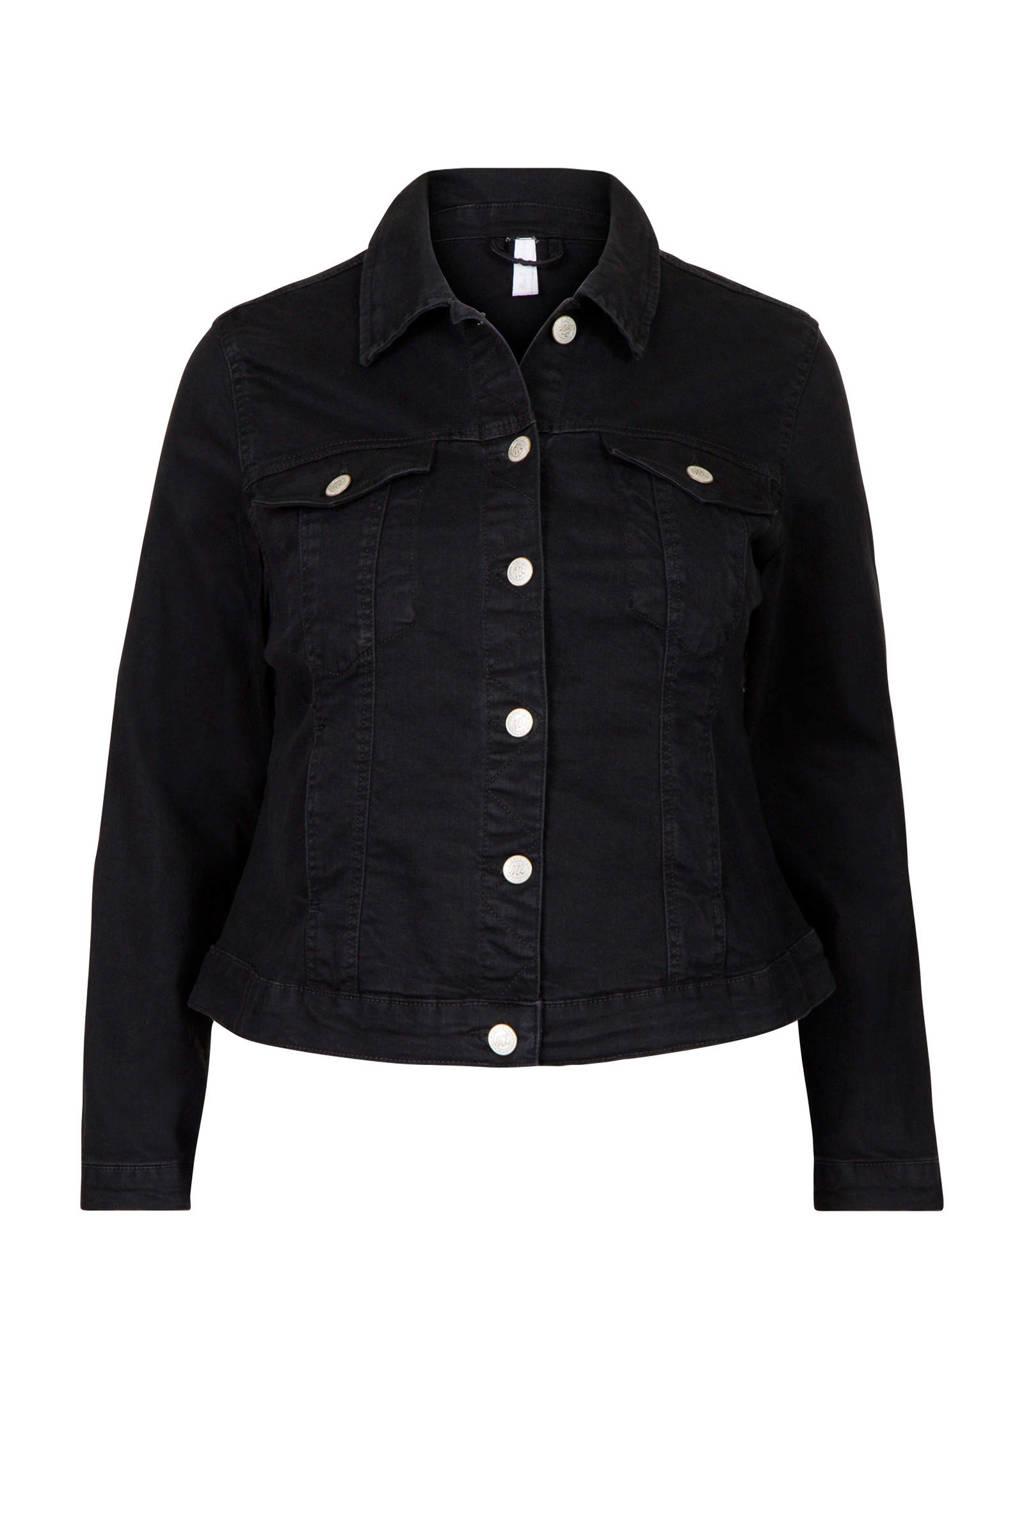 Miss Etam Plus spijkerjasje zwart, Zwart